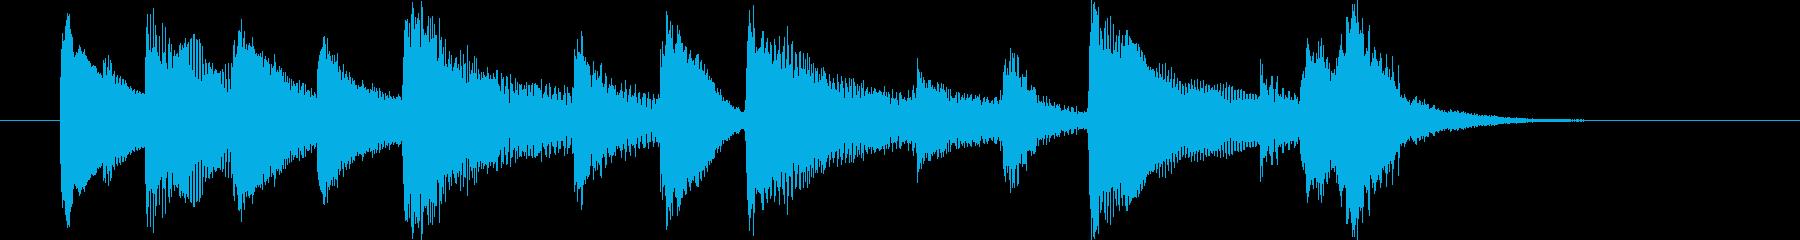 かわいい感じのジングル。キラキラ。の再生済みの波形